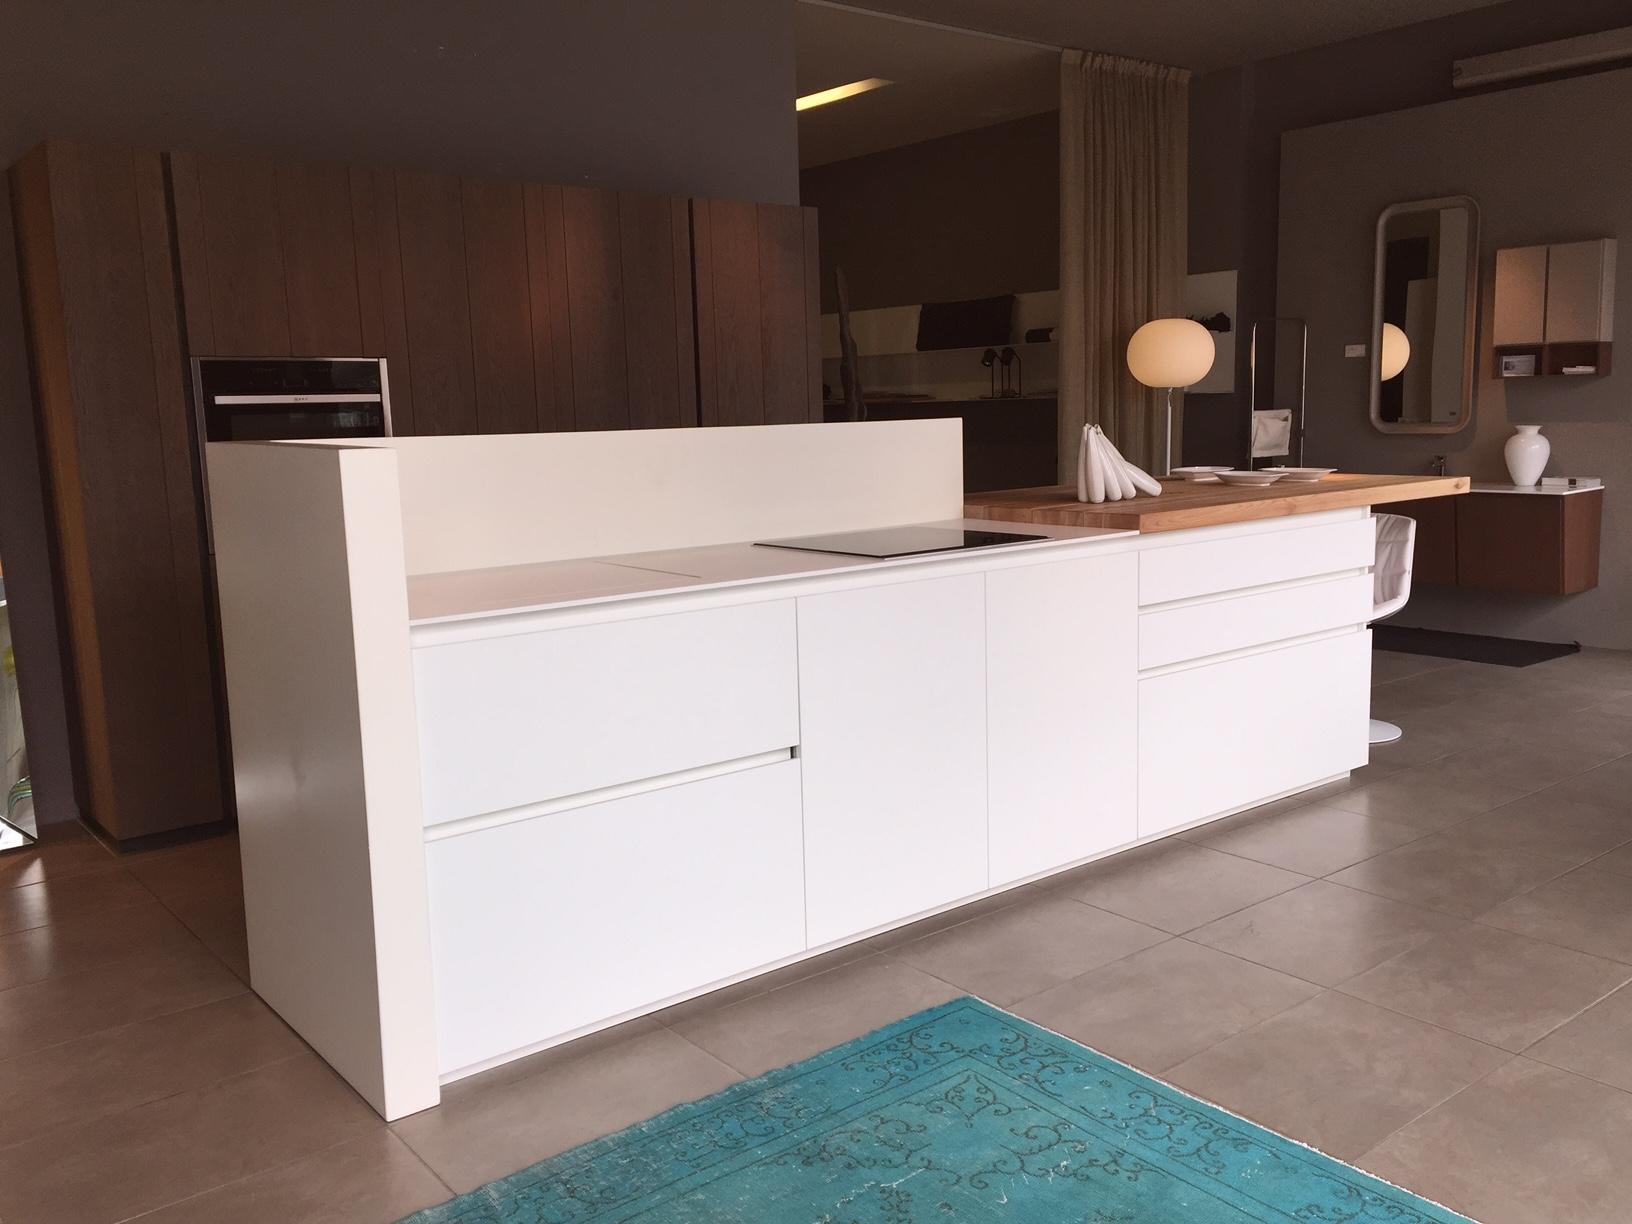 Cucina ad isola idee di design per la casa for Isola cucina prezzi